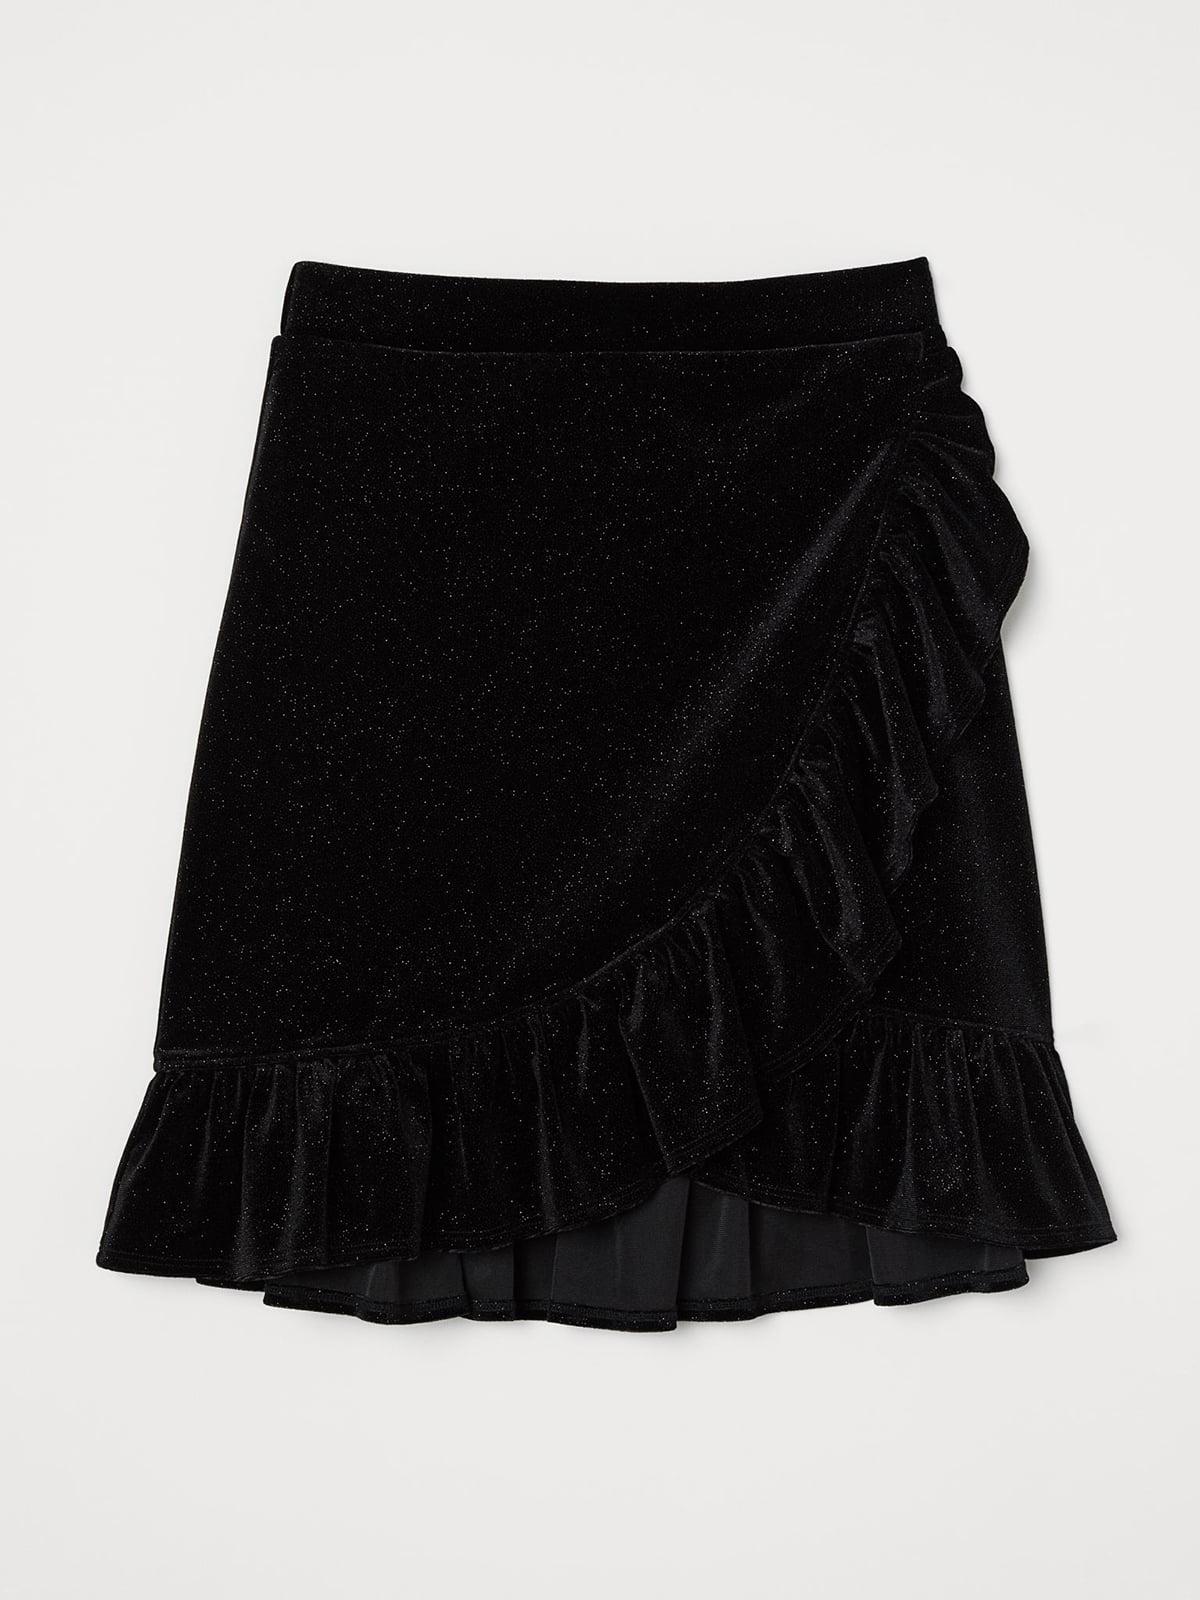 Юбка черная с декором | 5618494